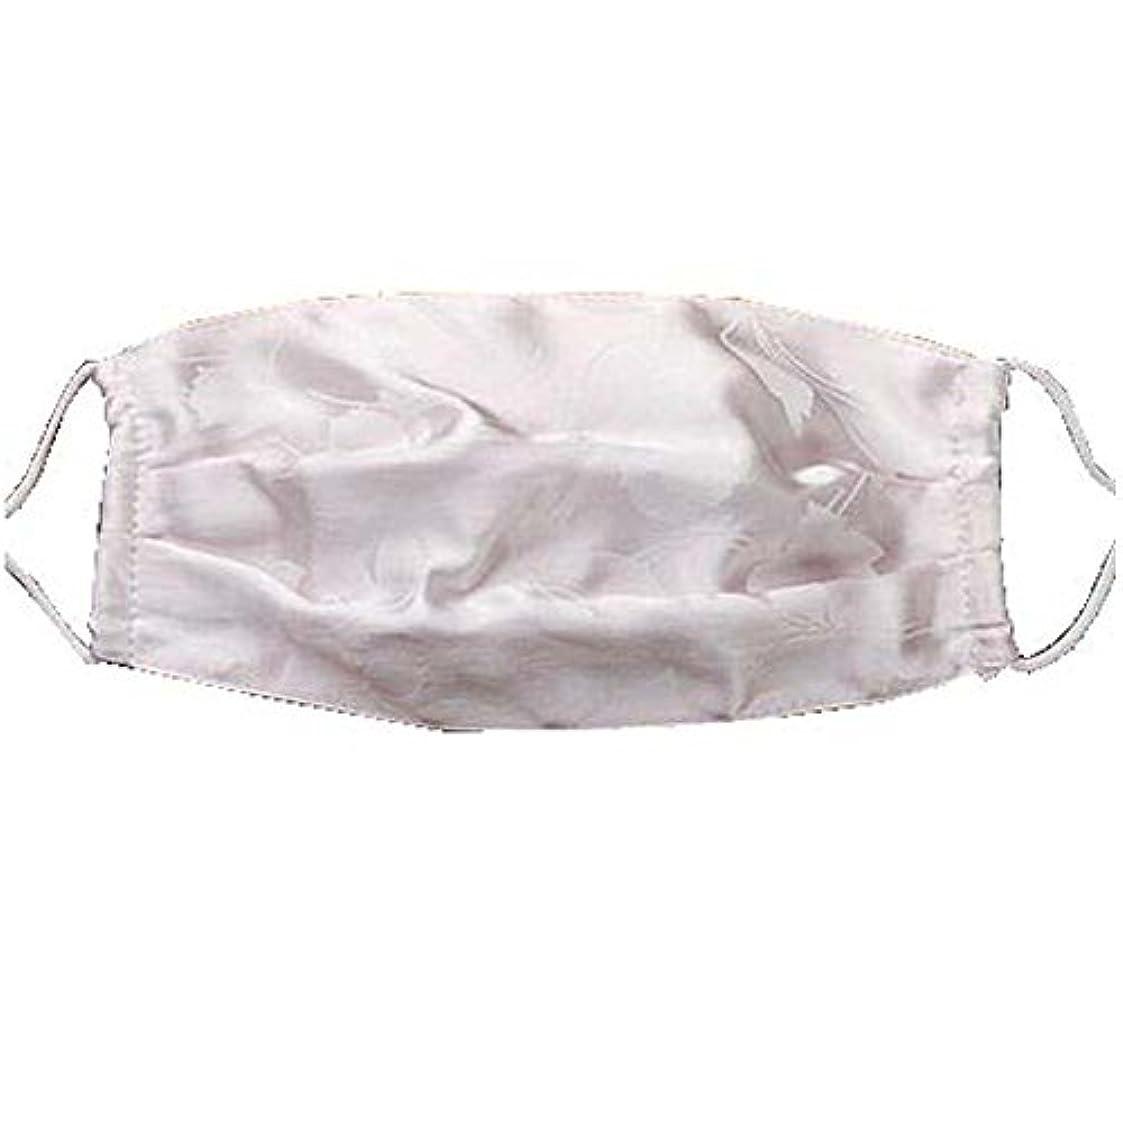 セットアップ手数料ほのめかす口腔マスクダストマスク抗汚染活性炭フィルターインサートシルクマスク